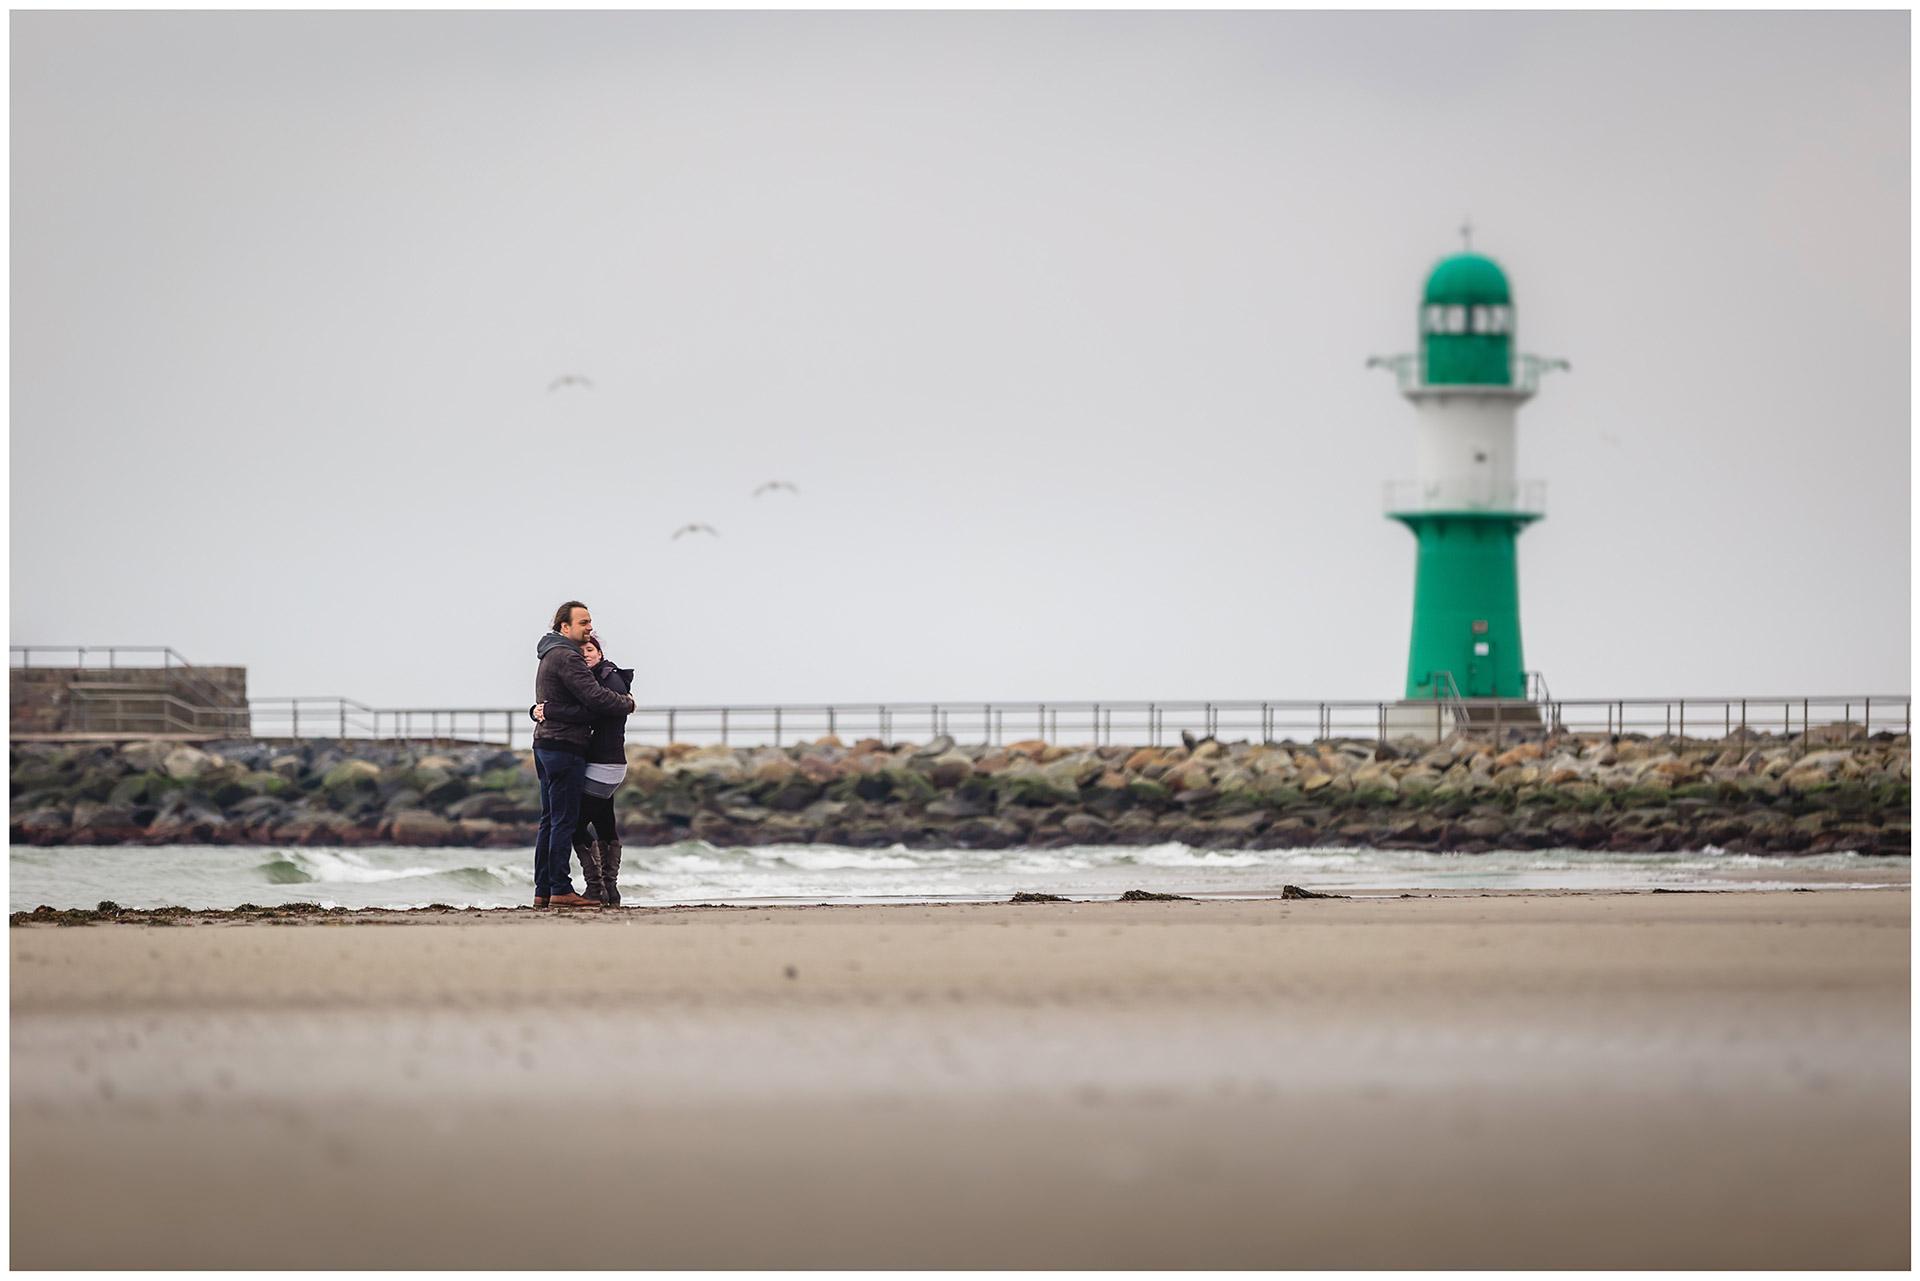 weitwinkelaufnahme-paar-eng-umarmt-steht-am-ostseestrand-im-hintergrund-moewen-und-leuchtturm-mole-warnemuende-shooting-am-strand-fotoshooting-paerchenbilder-fotograf-warnemuende-fotograf-rostock